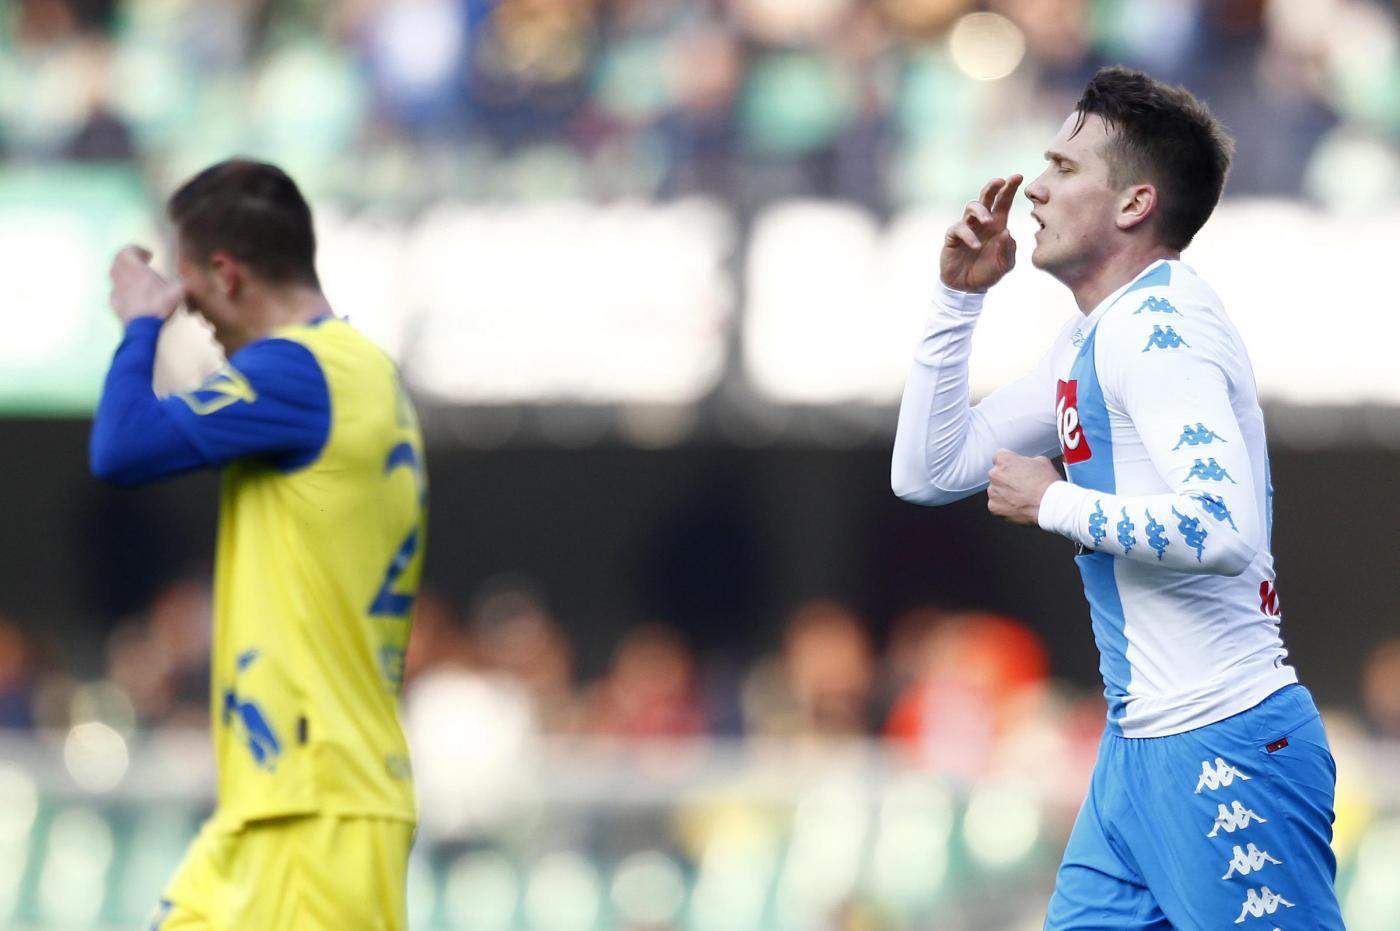 Napoli, Zielinski avverte la Juventus: